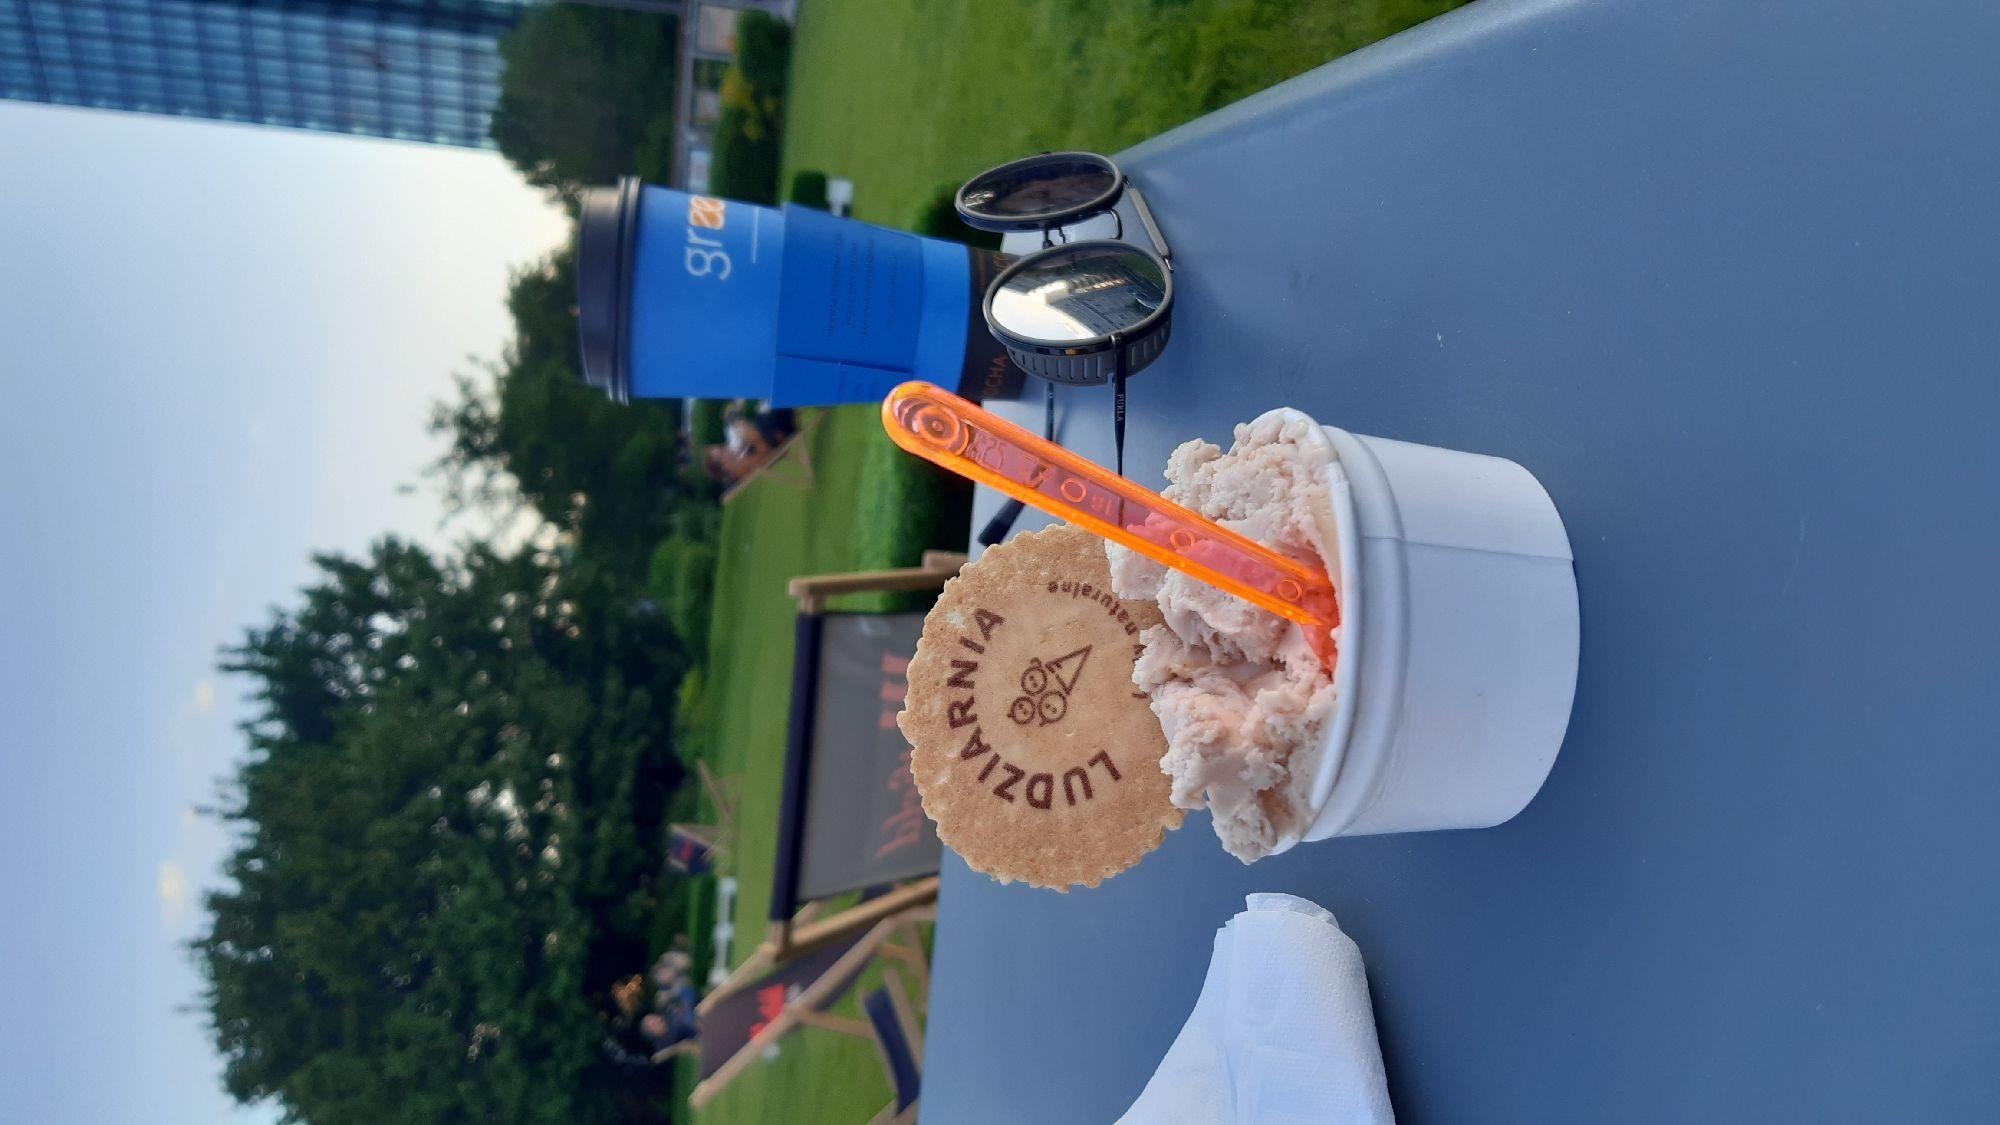 Мороженое со вкусом амаретто.  Это мы ждём,  пока нас уже заберут.